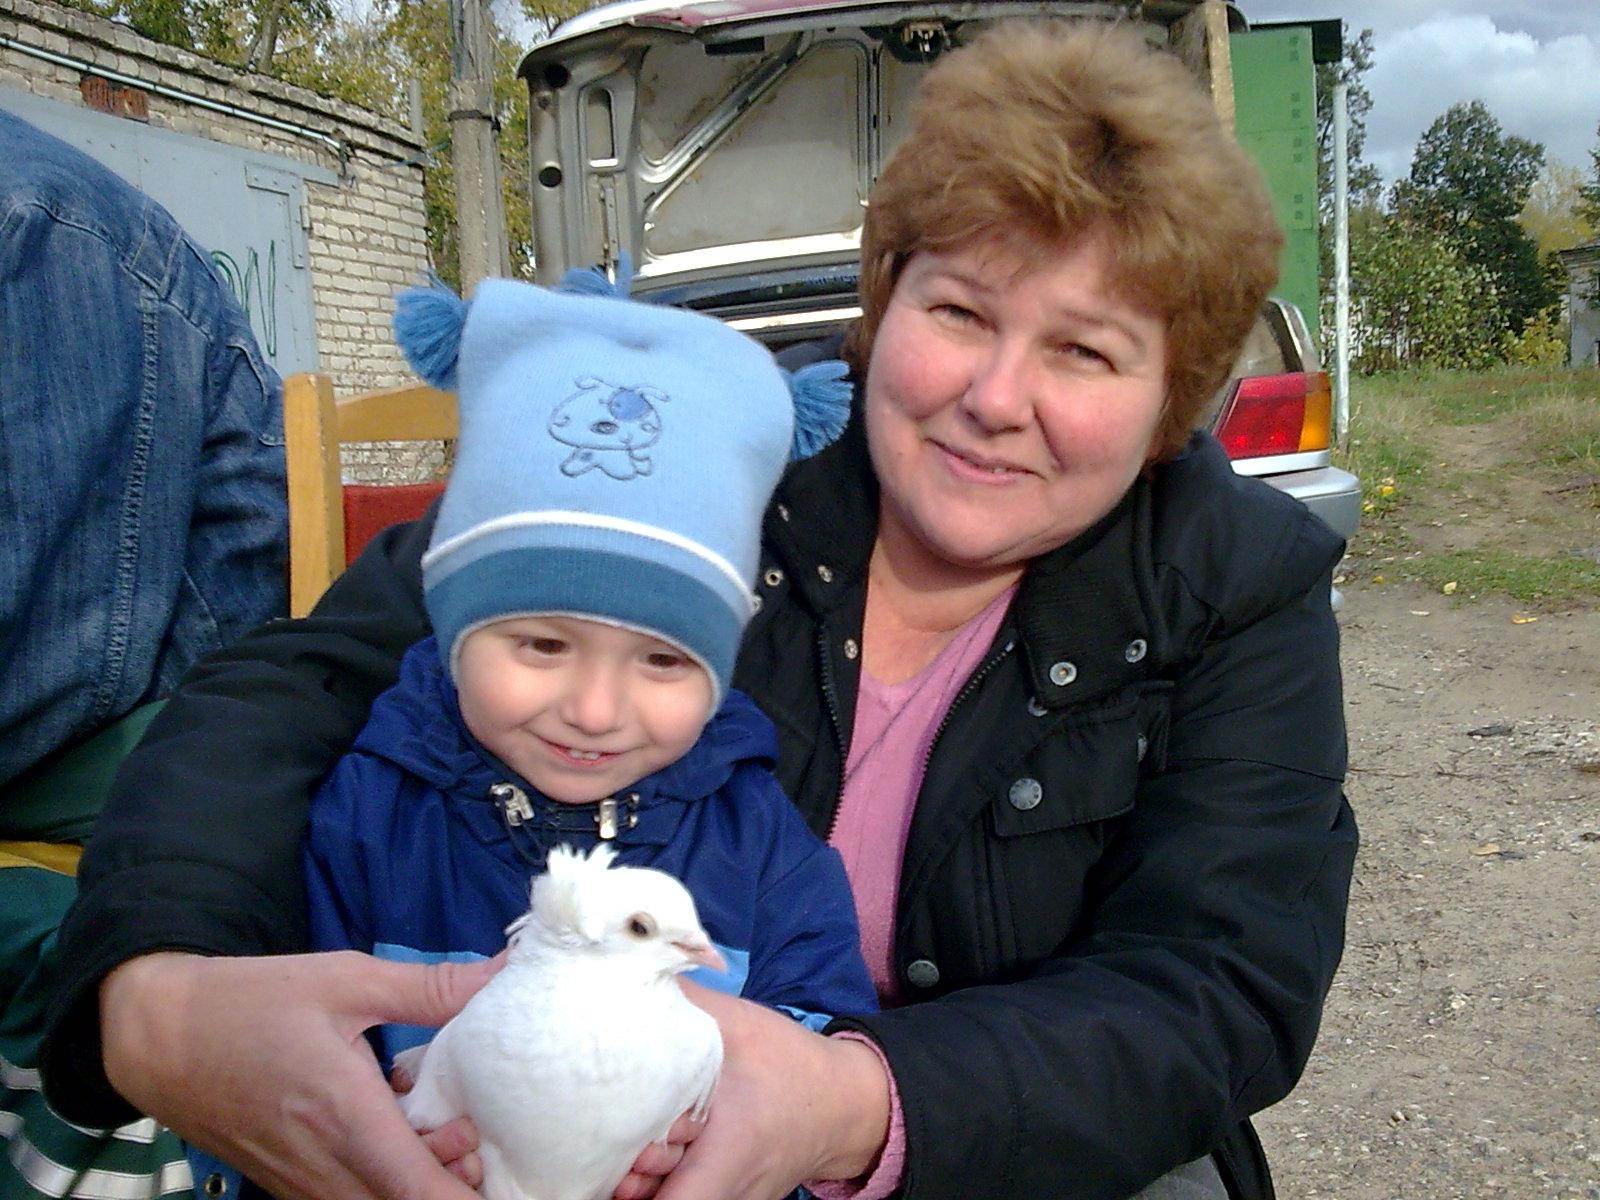 Это мы с бабушкой пускаем голубей, на счастье!!!!. Стар и мал